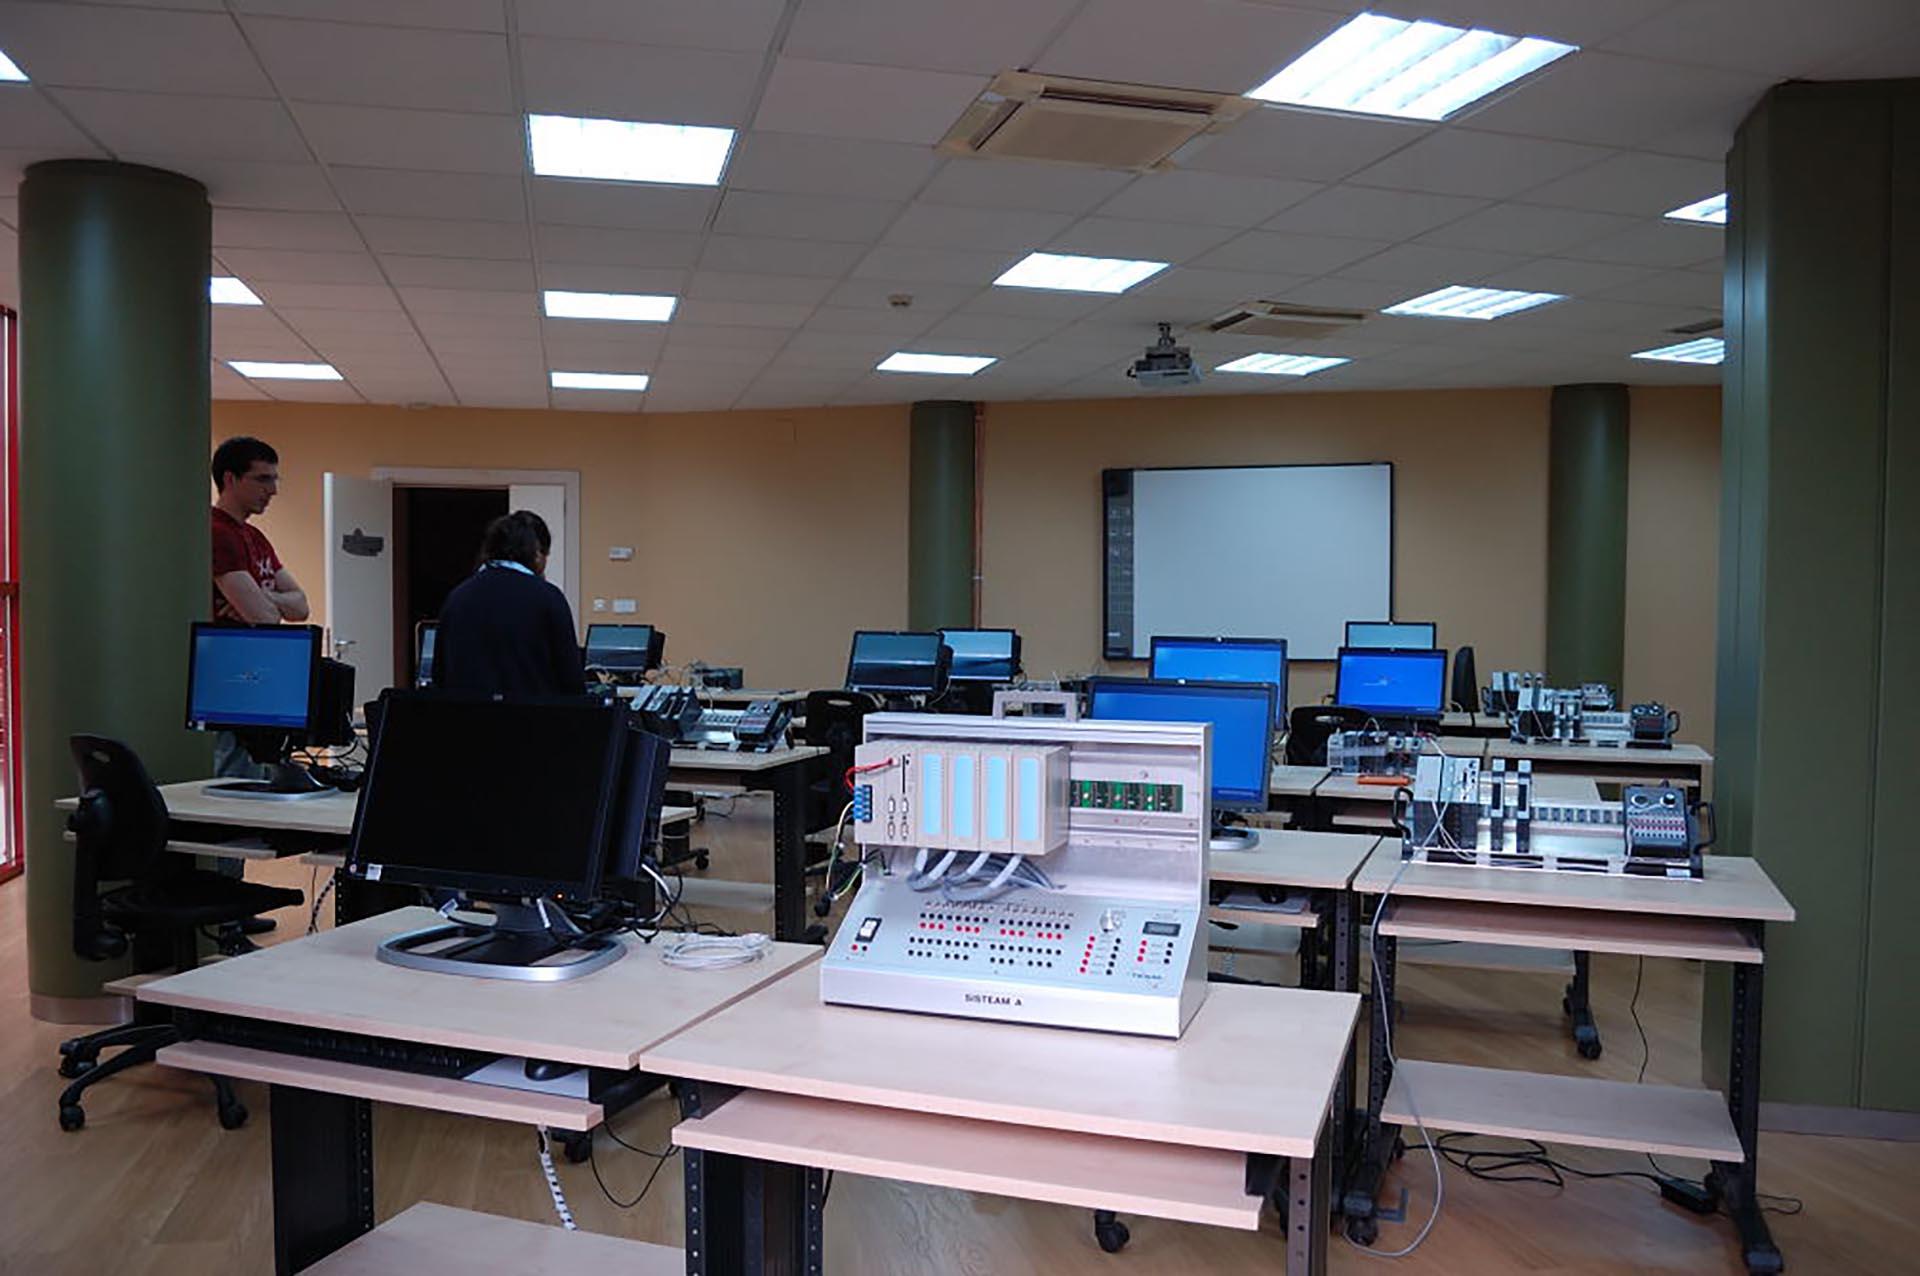 Autómatas programables y SMAS de supervisión: aplicaciones industriales